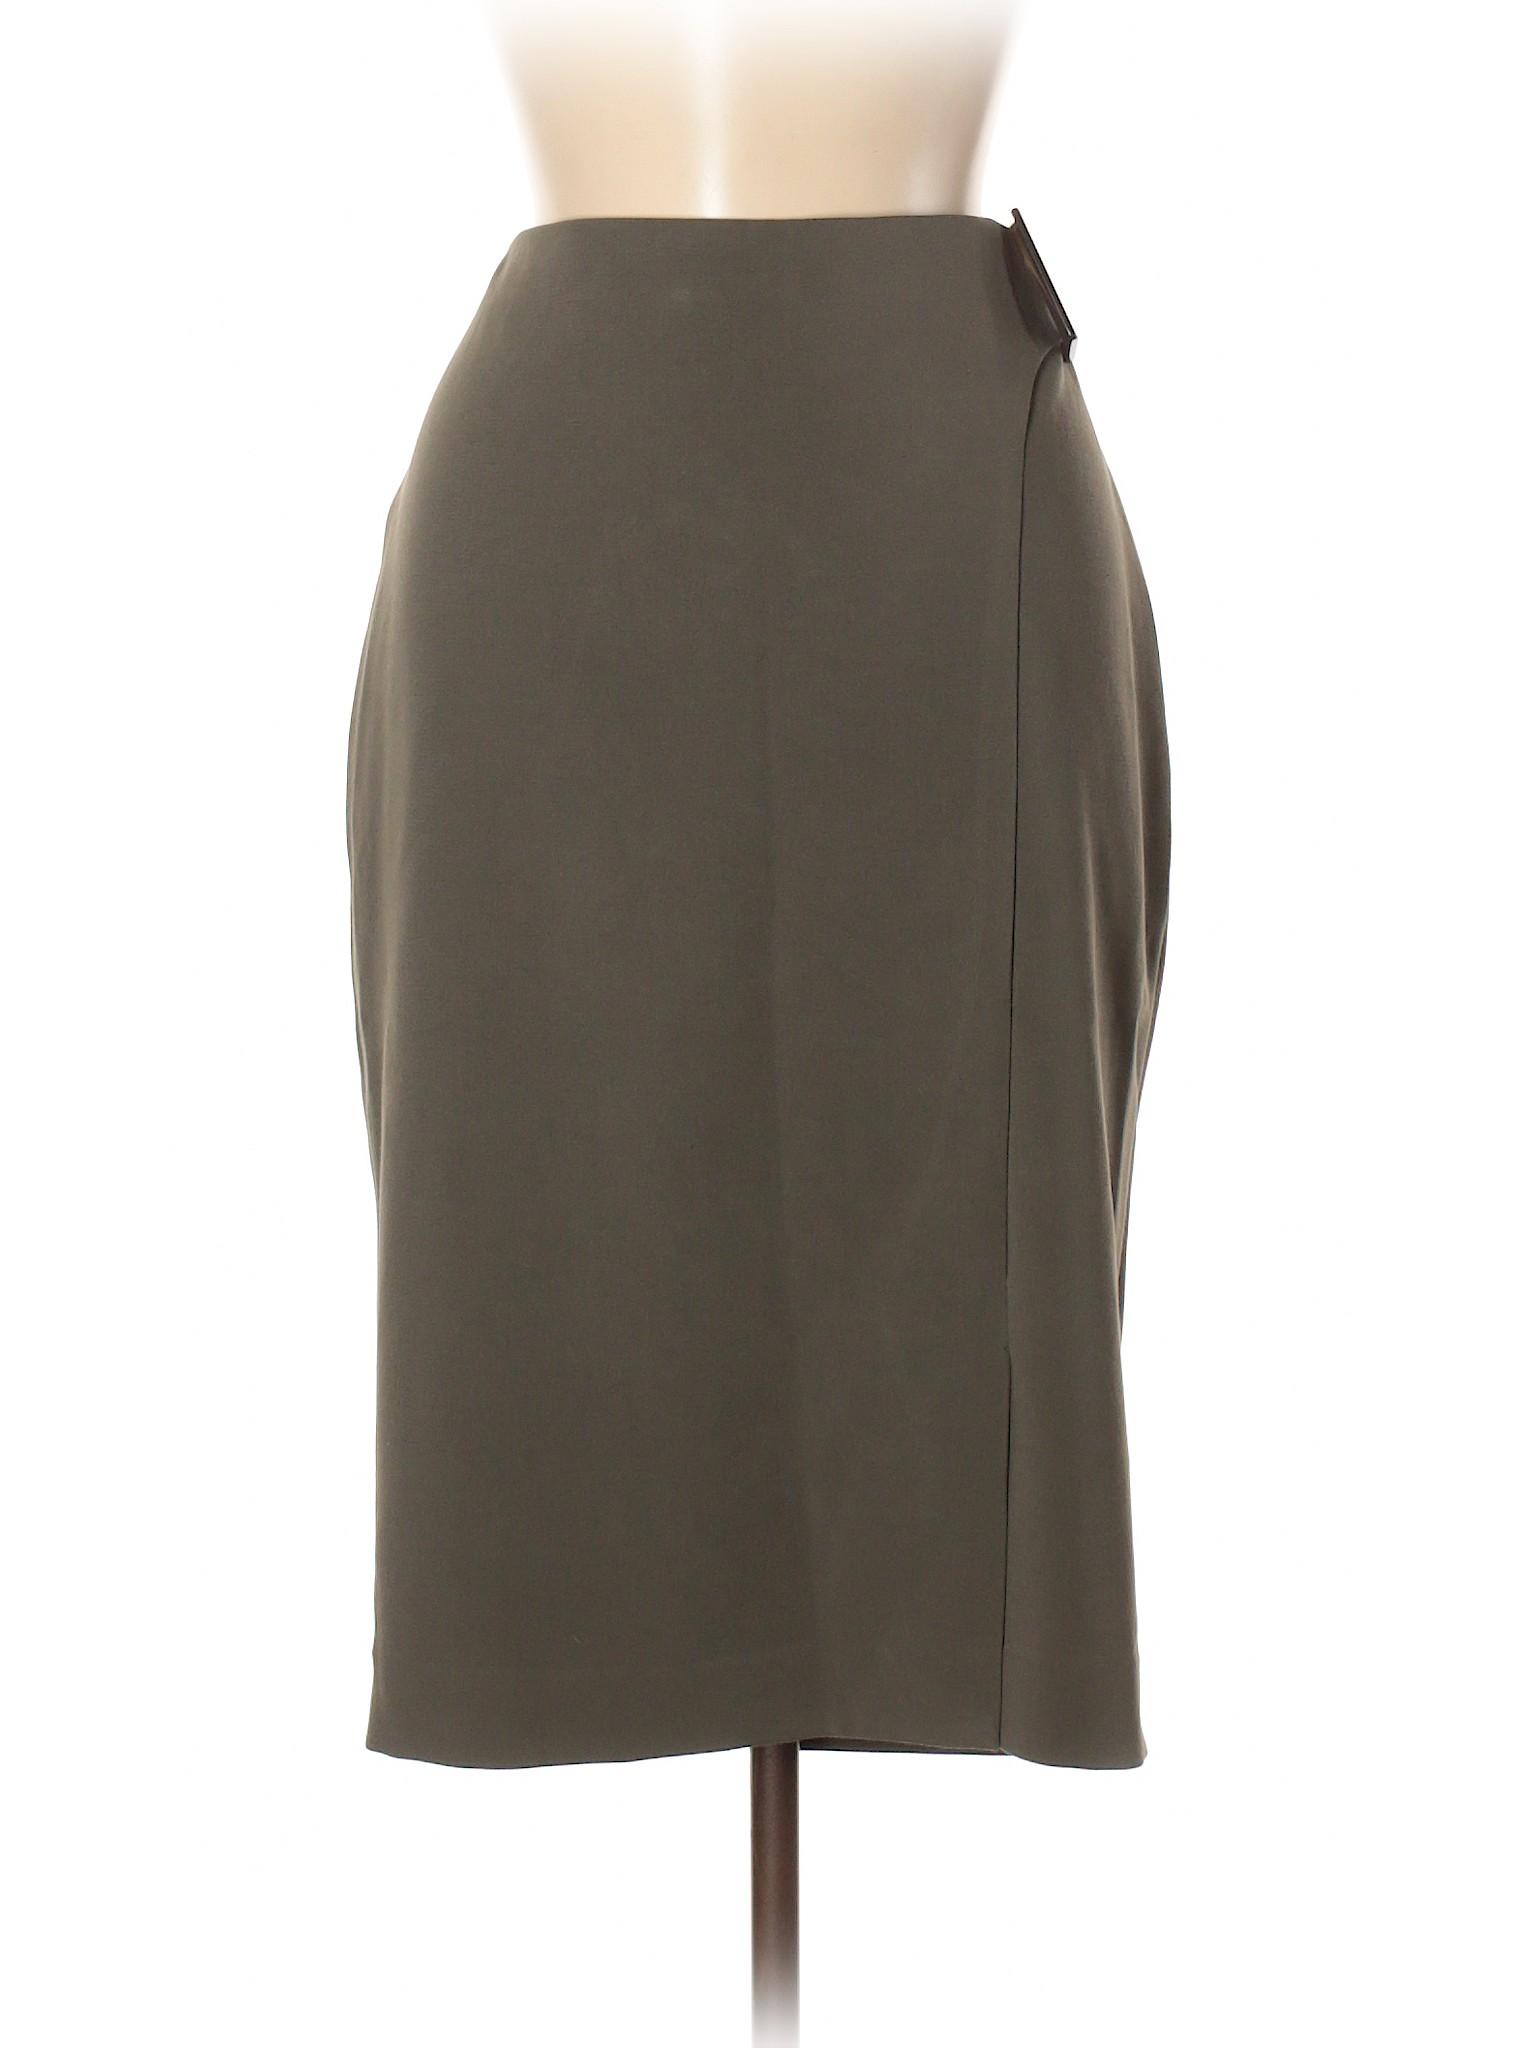 Casual Skirt Boutique Boutique LTD LTD q8FPT1x